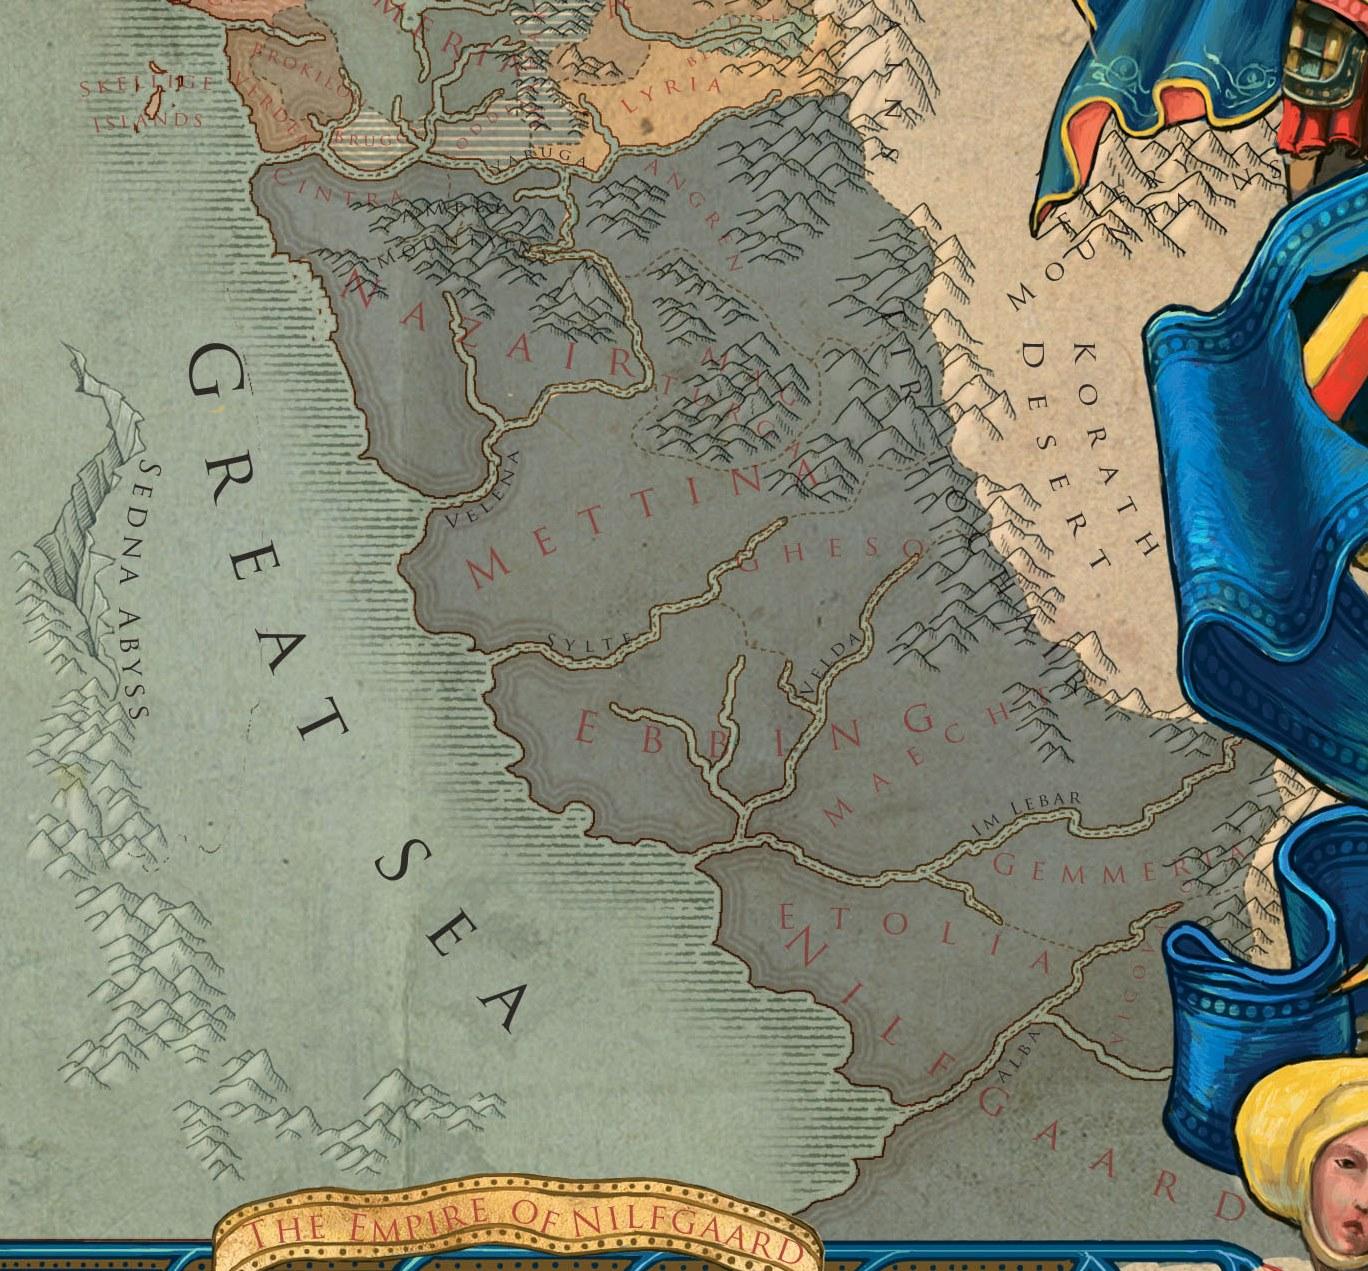 witcher 2 map size - Keni.ganamas.co